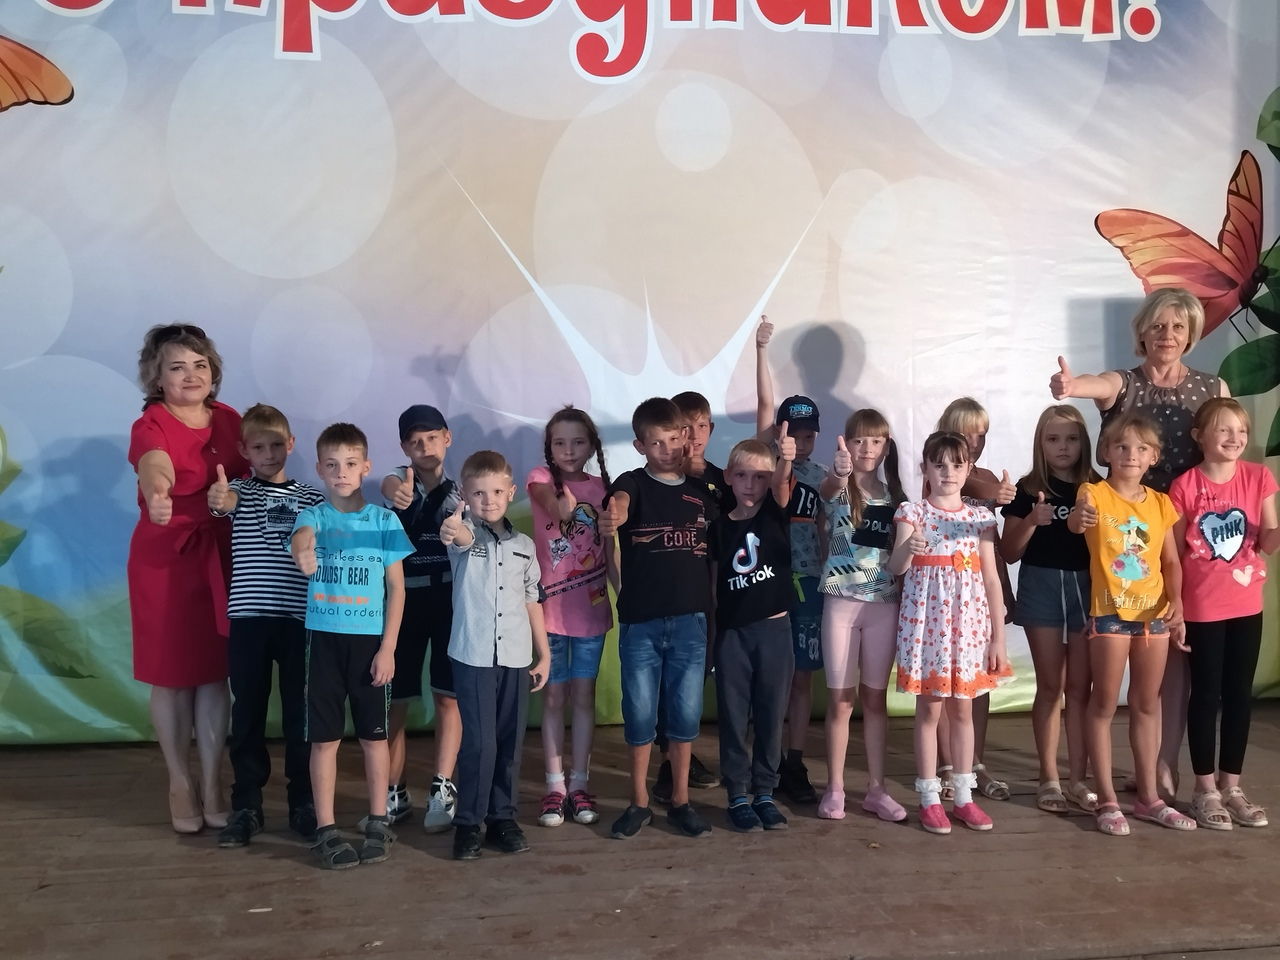 Петровским ребятам вручили наборы школьных принадлежностей, собранные ко Дню знаний